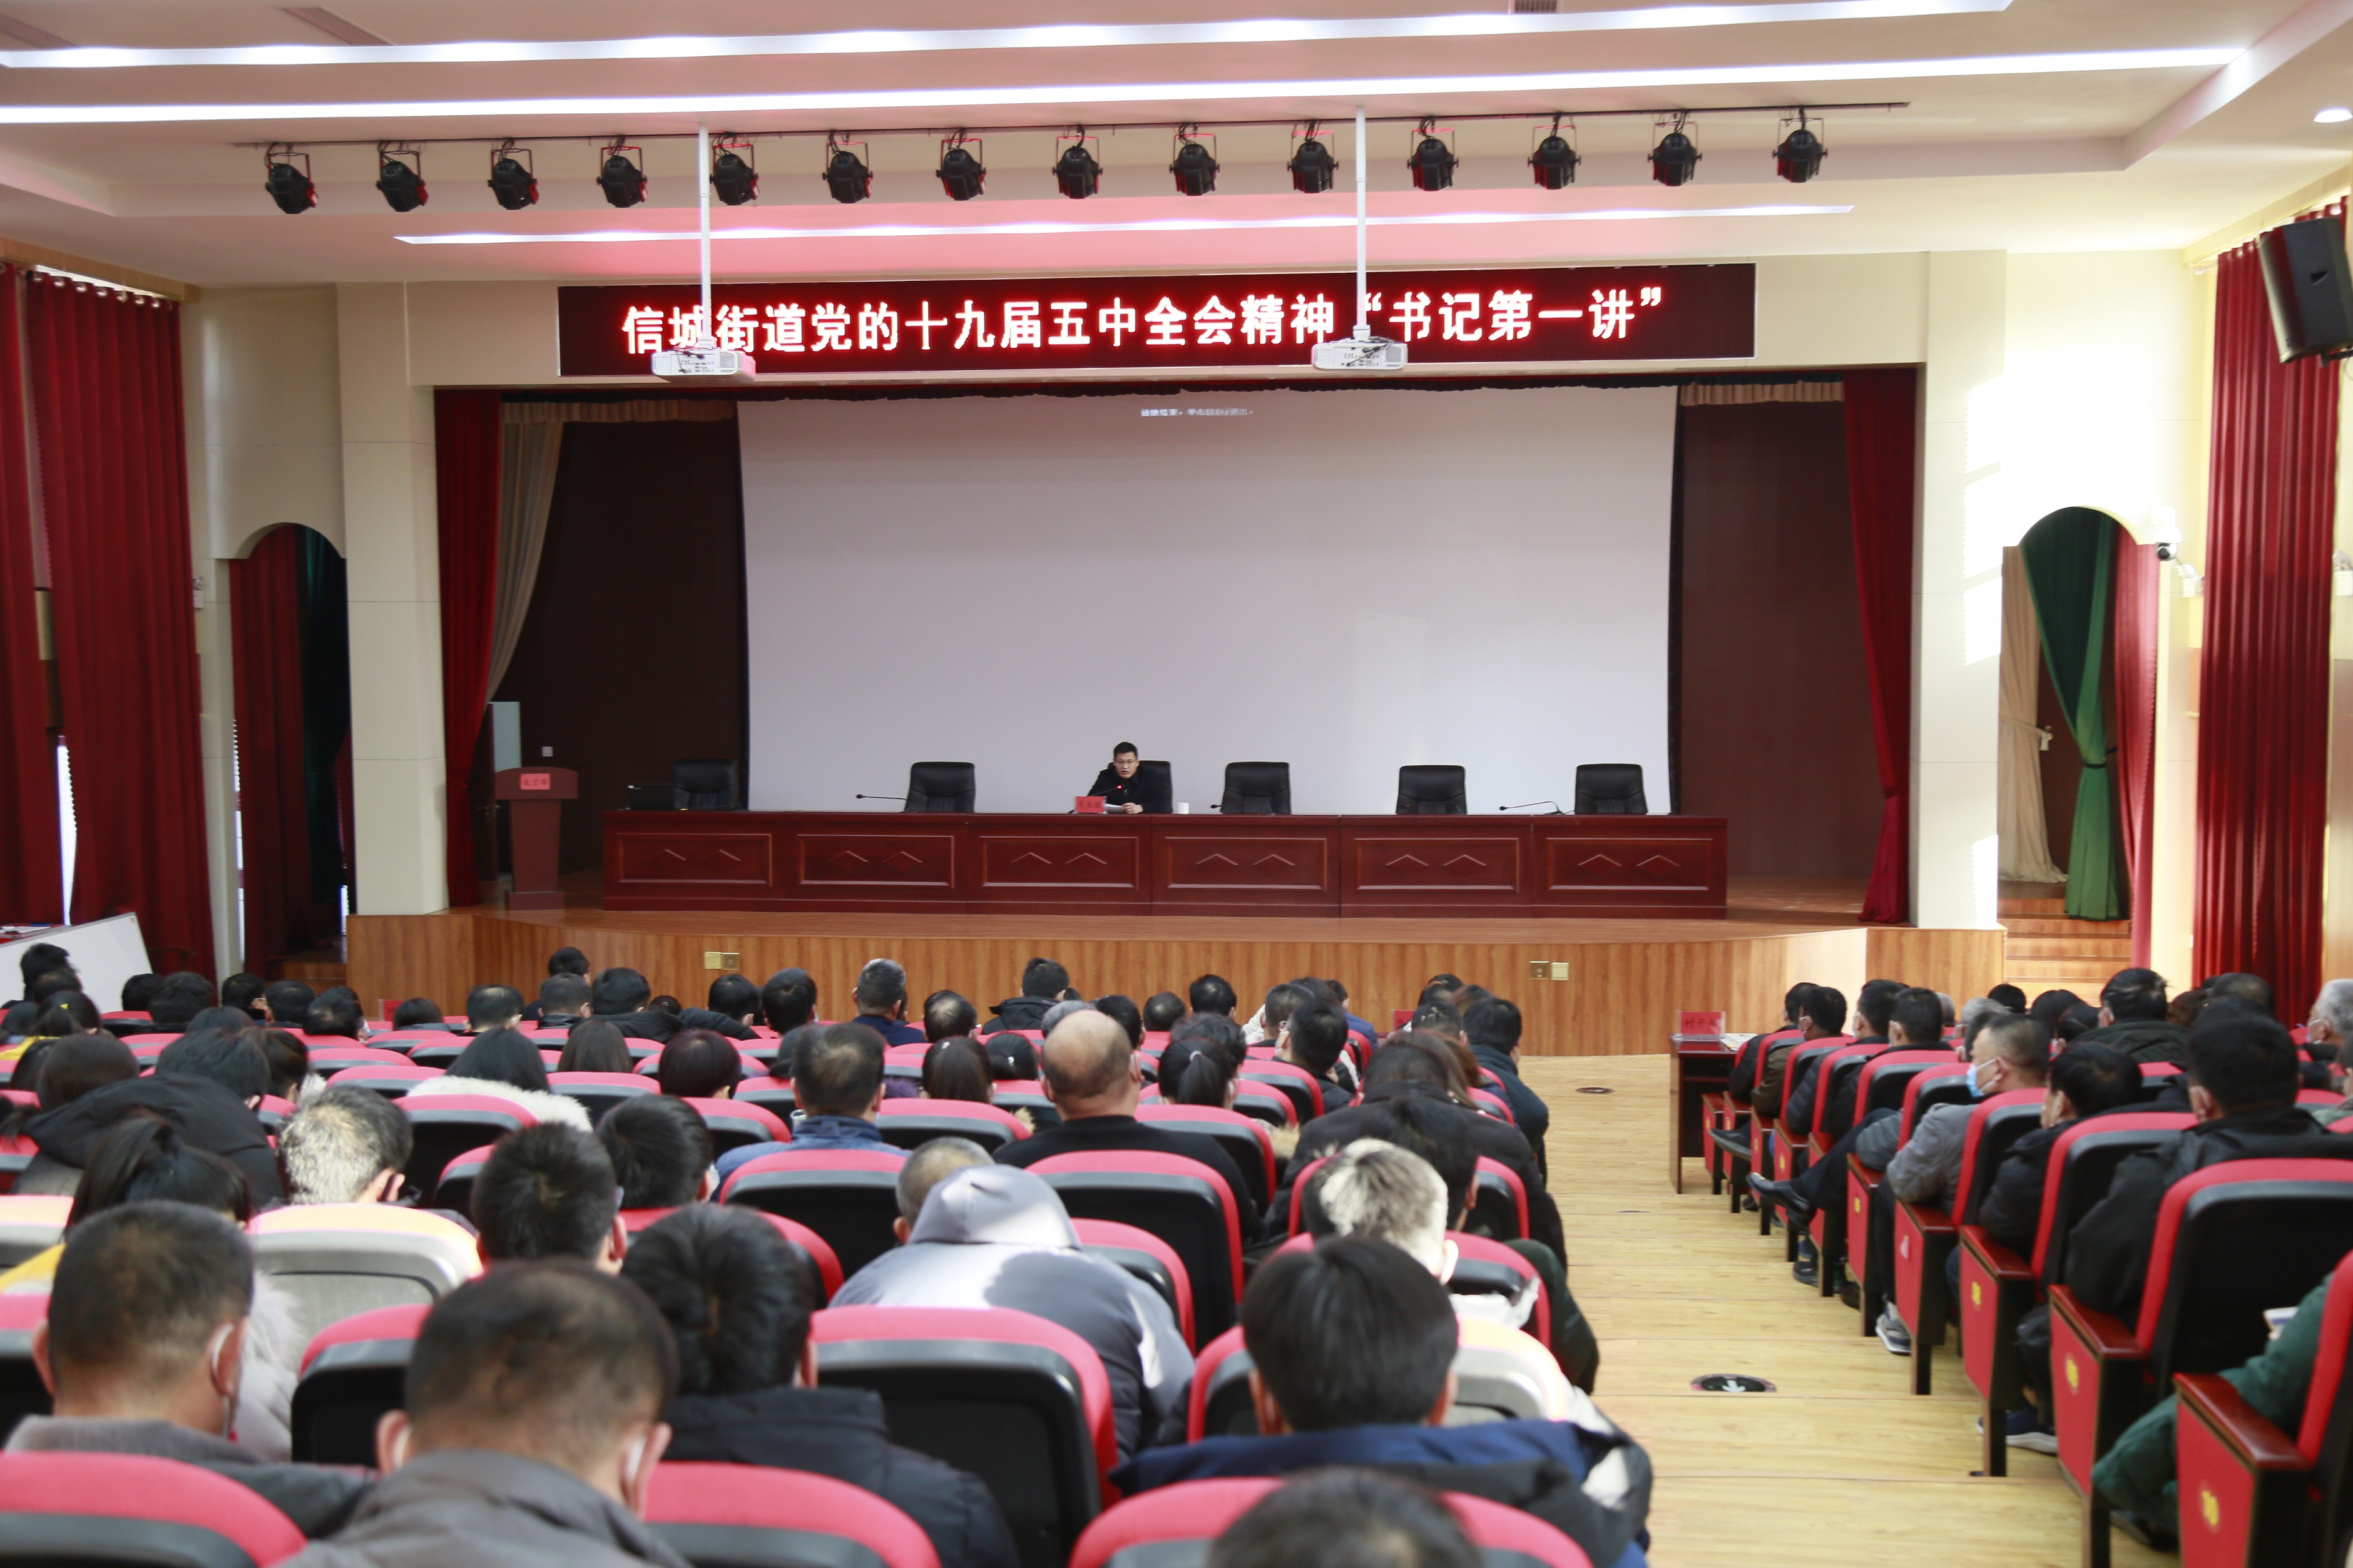 陽信信城街道舉行黨的十九屆五中全會精神宣講報告會